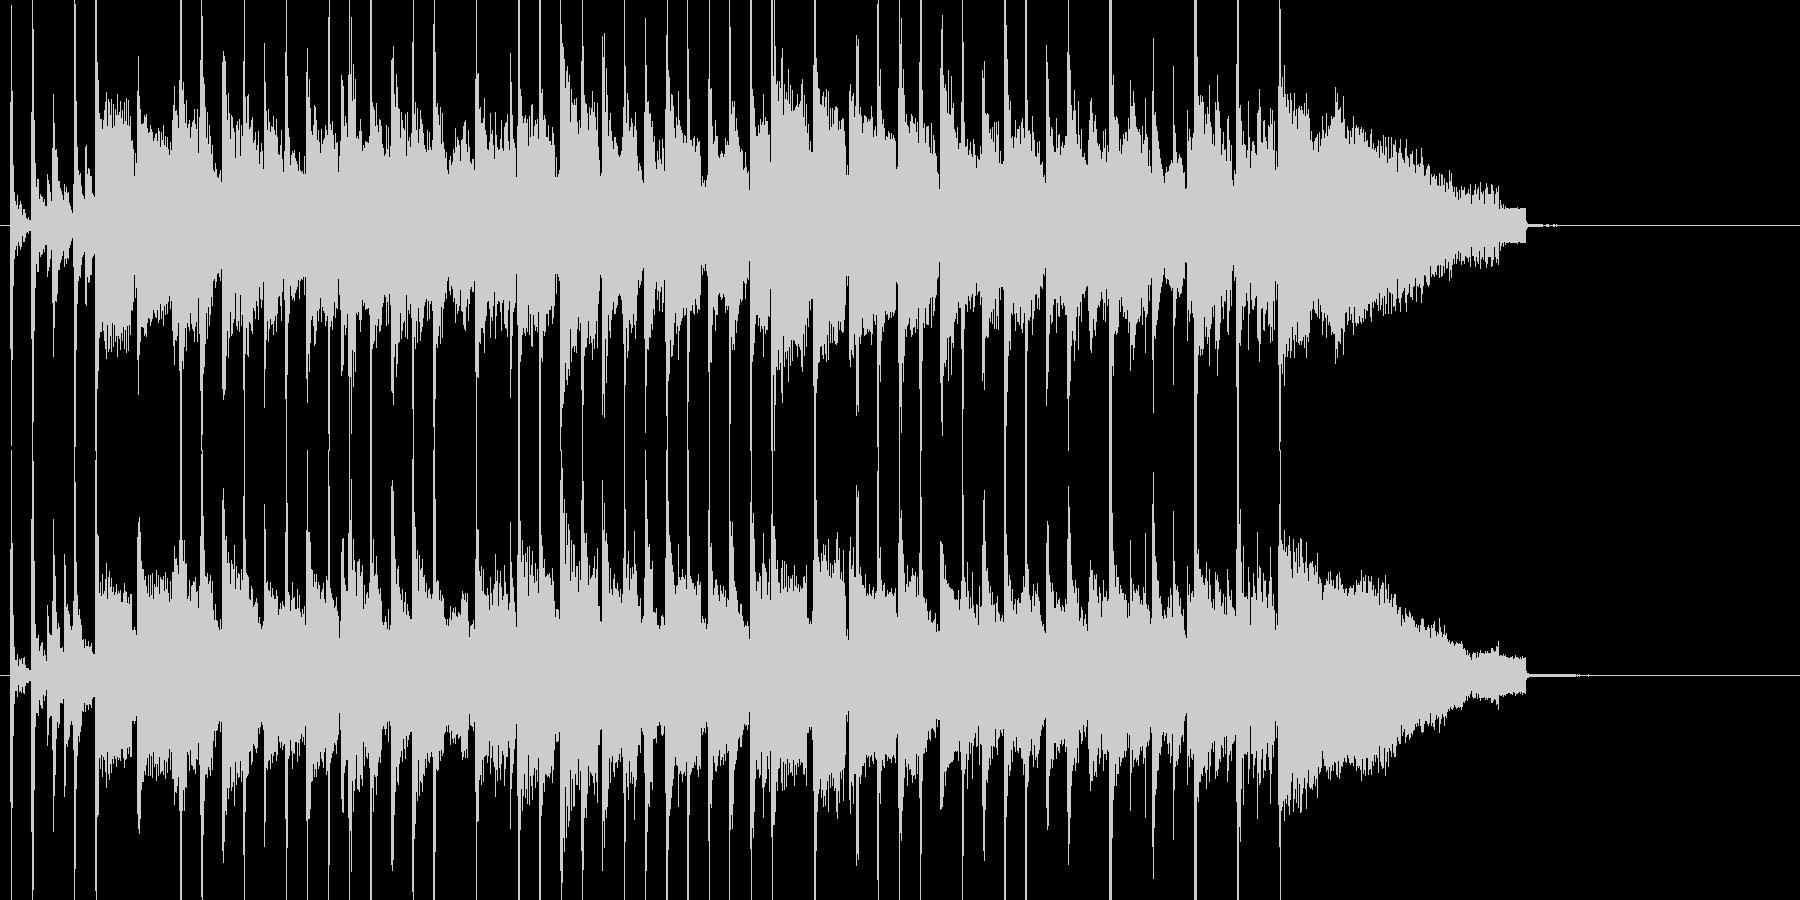 季節の移ろいをイメージ 感動的なバラードの未再生の波形